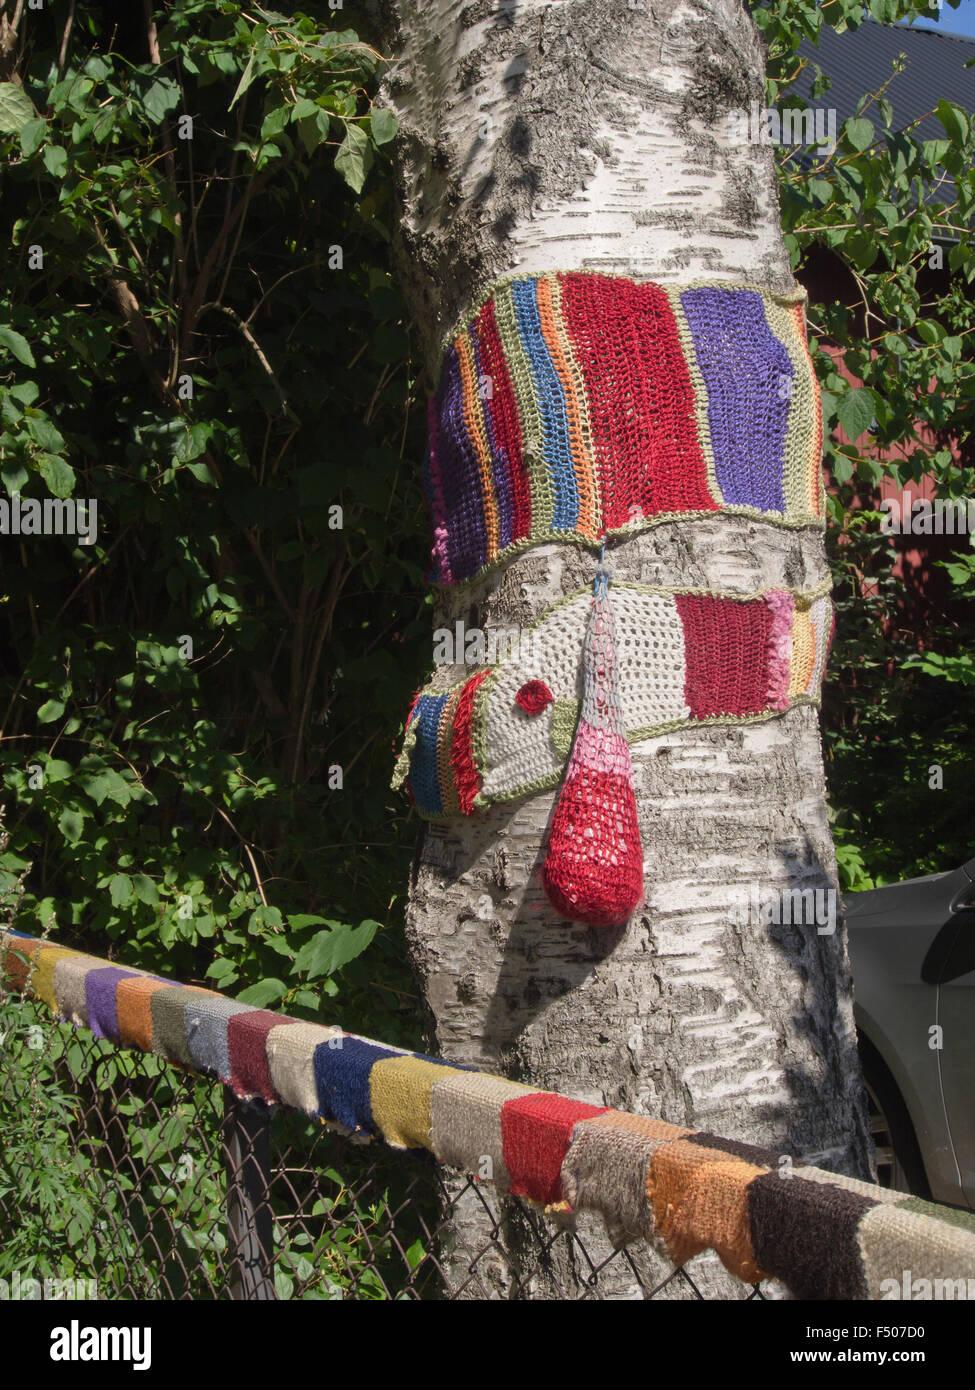 Häkeln und stricken auf Baum und Wire mesh-Zaun nach Hause basteln ...